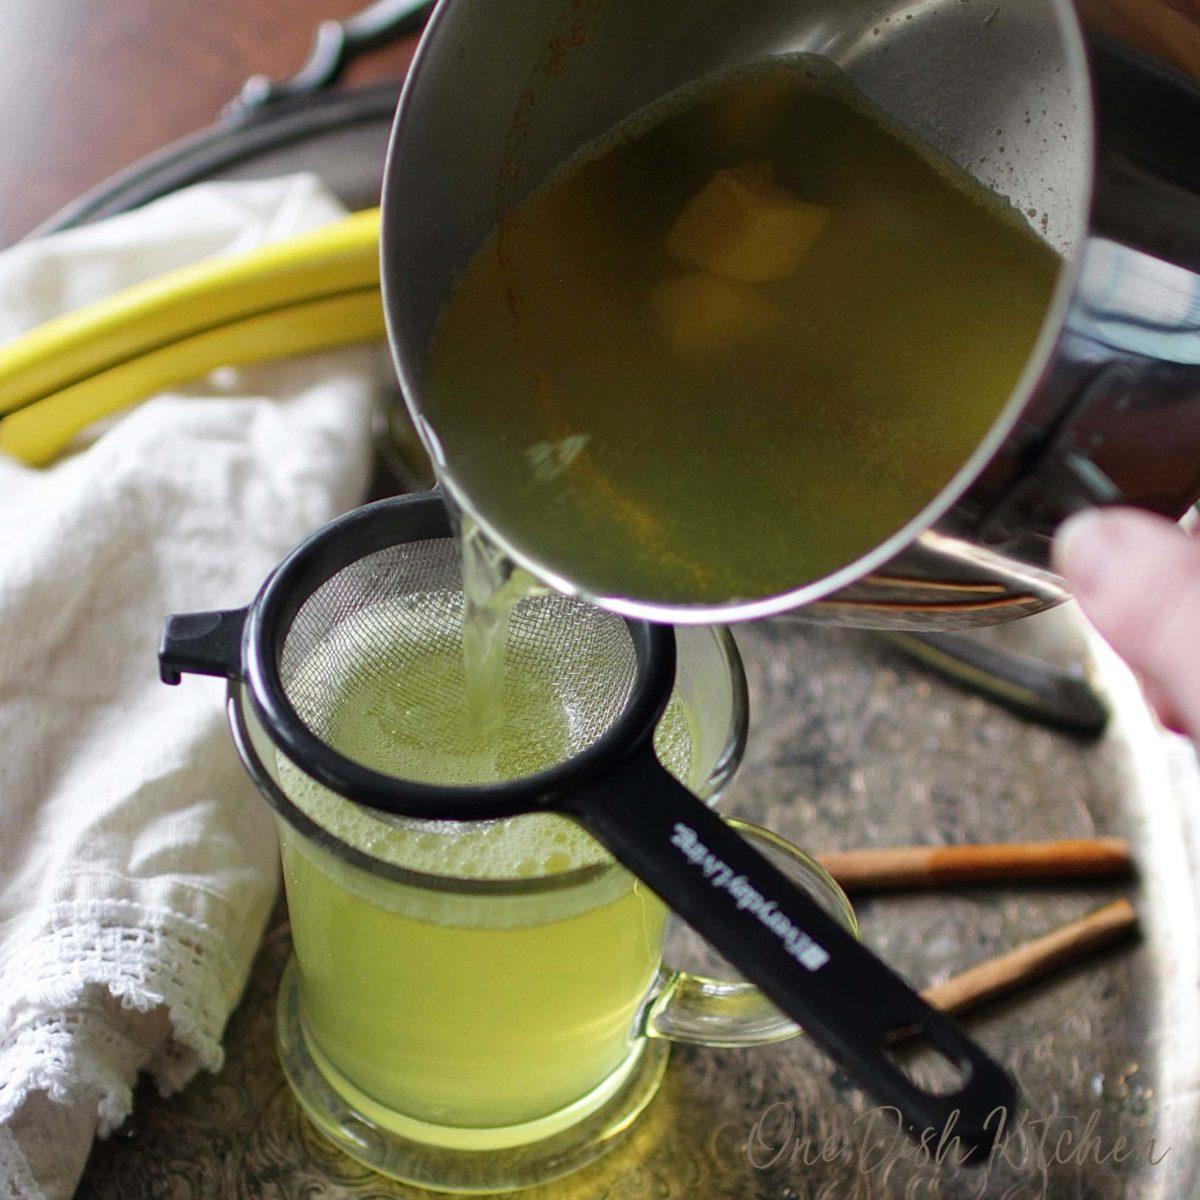 pouring tea through a strainer and into a mug